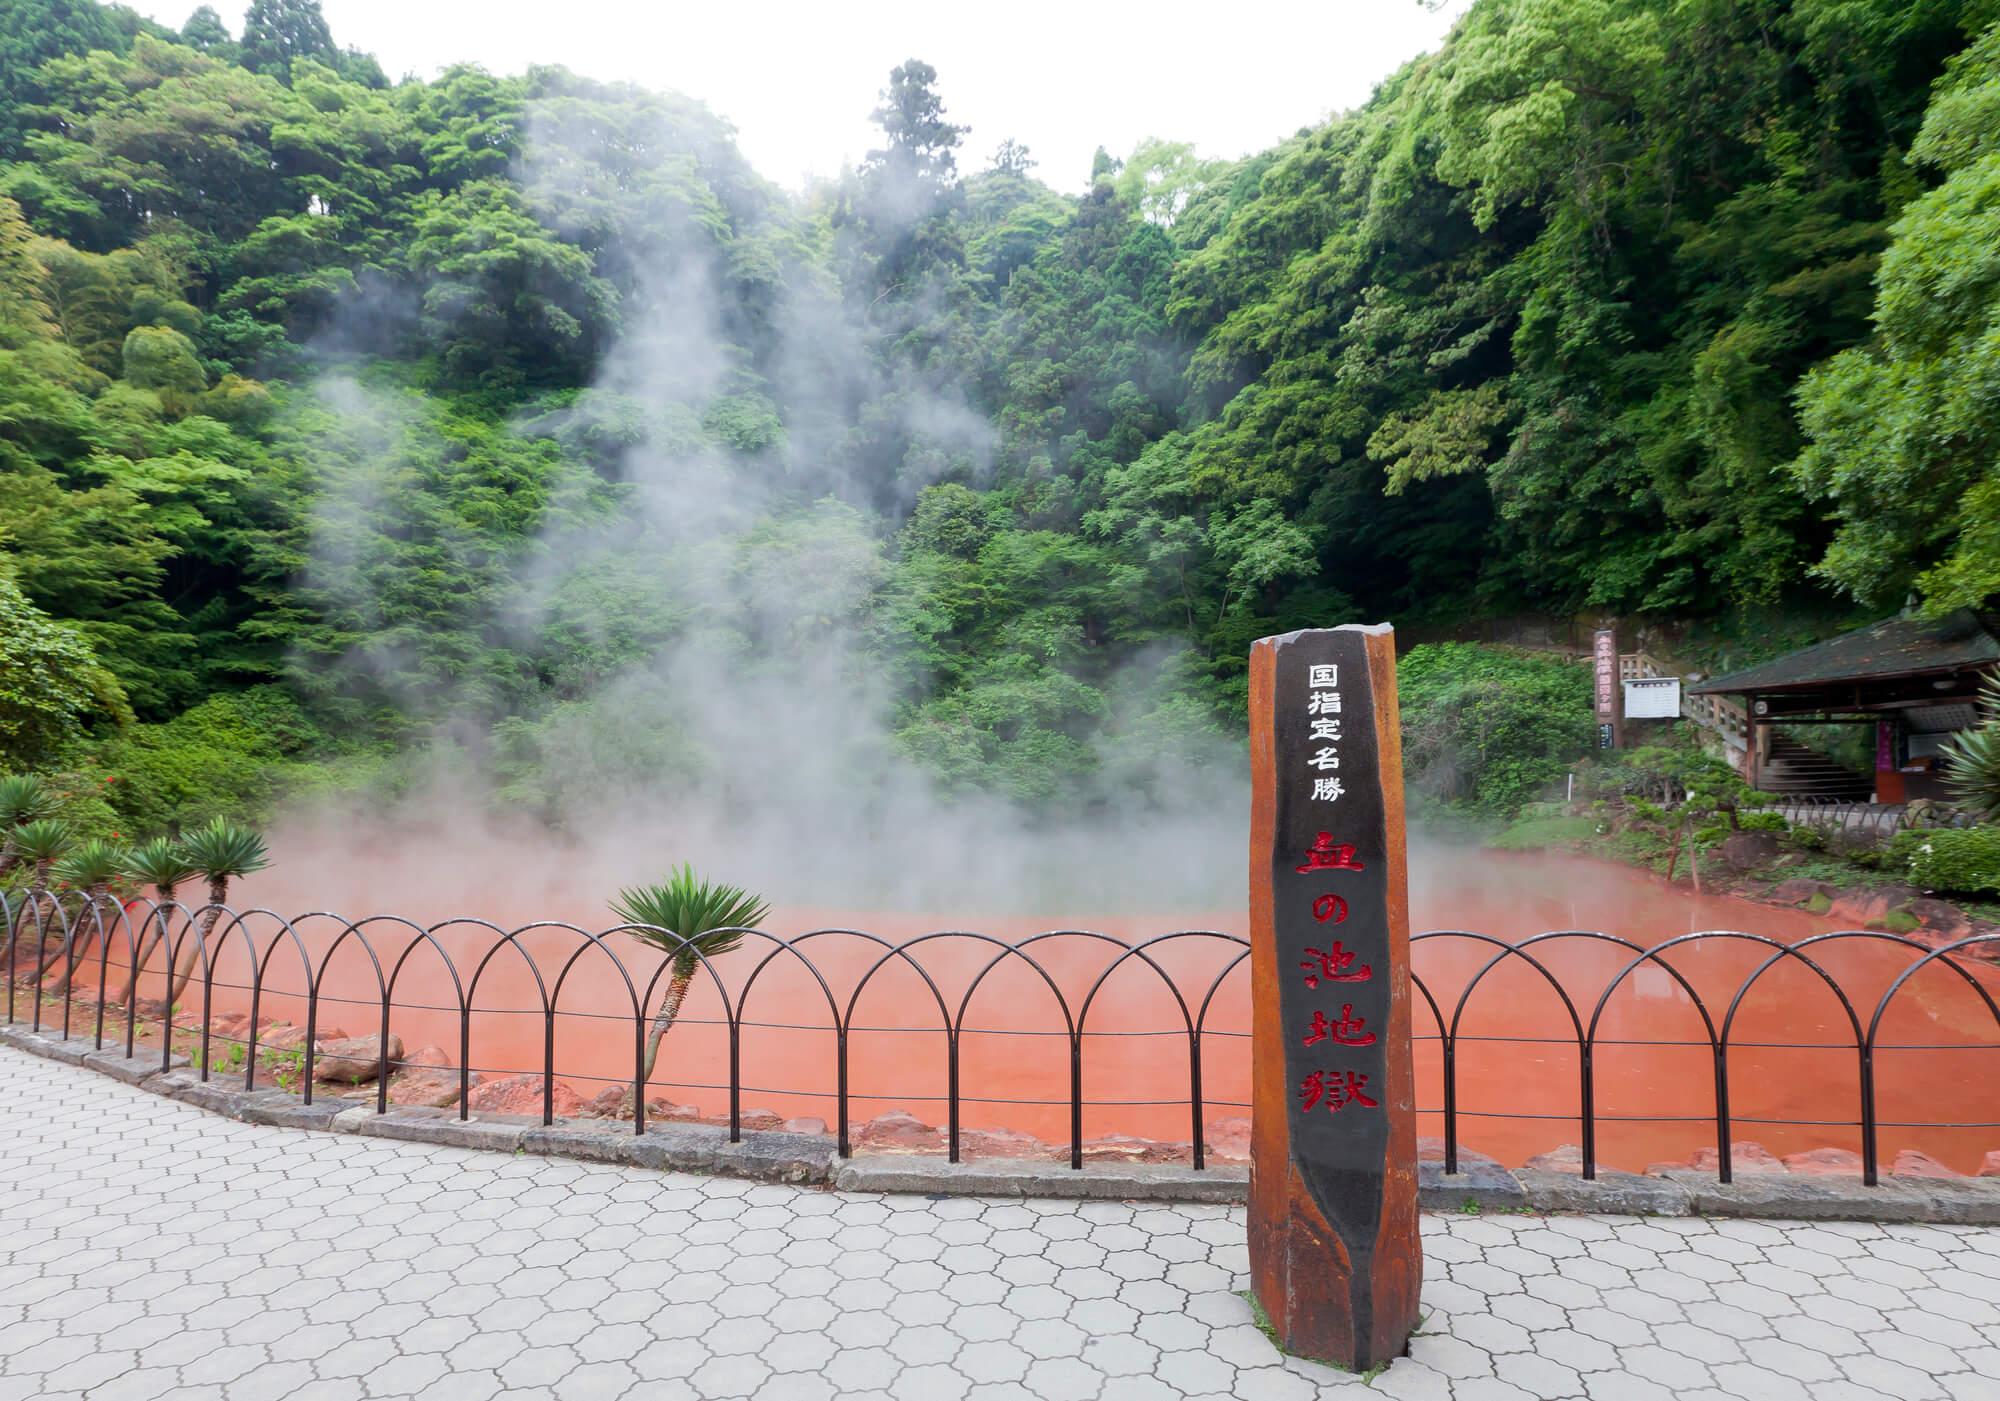 Red hot spring and a Chi-no-ike Jigoku written sign